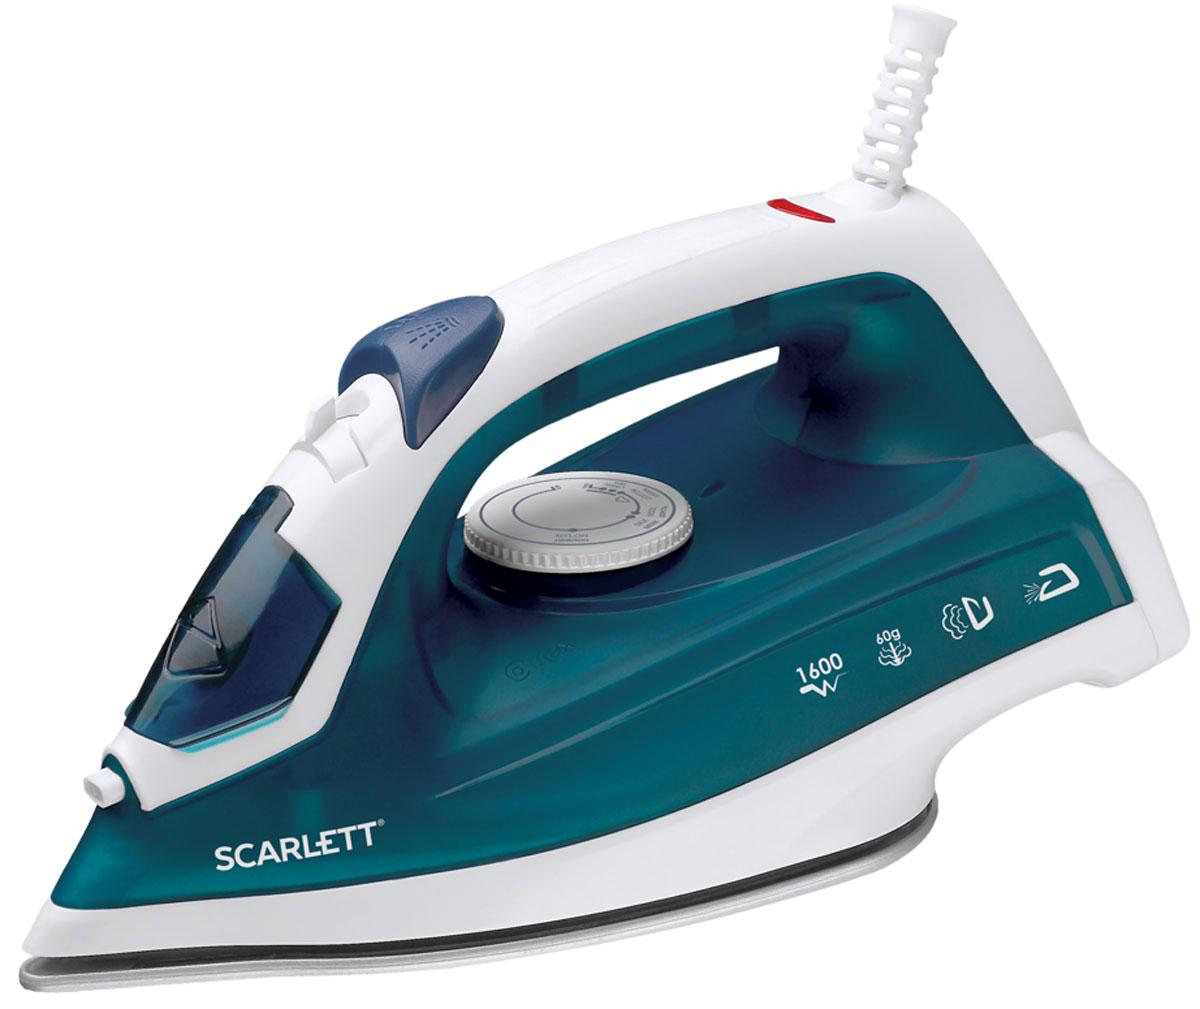 Scarlett SC-SI30P07, Dark Green утюгSC-SI30P07Утюг Scarlett SC-SI30P07 приятно порадует легким скольжением и увеличенным количеством паровых отверстий (43 реальных паровых отверстия). Это позволяет быстро и максимально аккуратно проглаживать различные виды ткани.Данная модель имеет плавную регулировку, позволяющую эффективно справляться с деликатной одеждой. Предусматривается вместительный резервуар для воды на 200 мл.Подошва SimplePro имеет повышенные антипригарные свойства, быстро нагревается и не требует сложного ухода. Она оснащена удобным желобком для пуговиц.